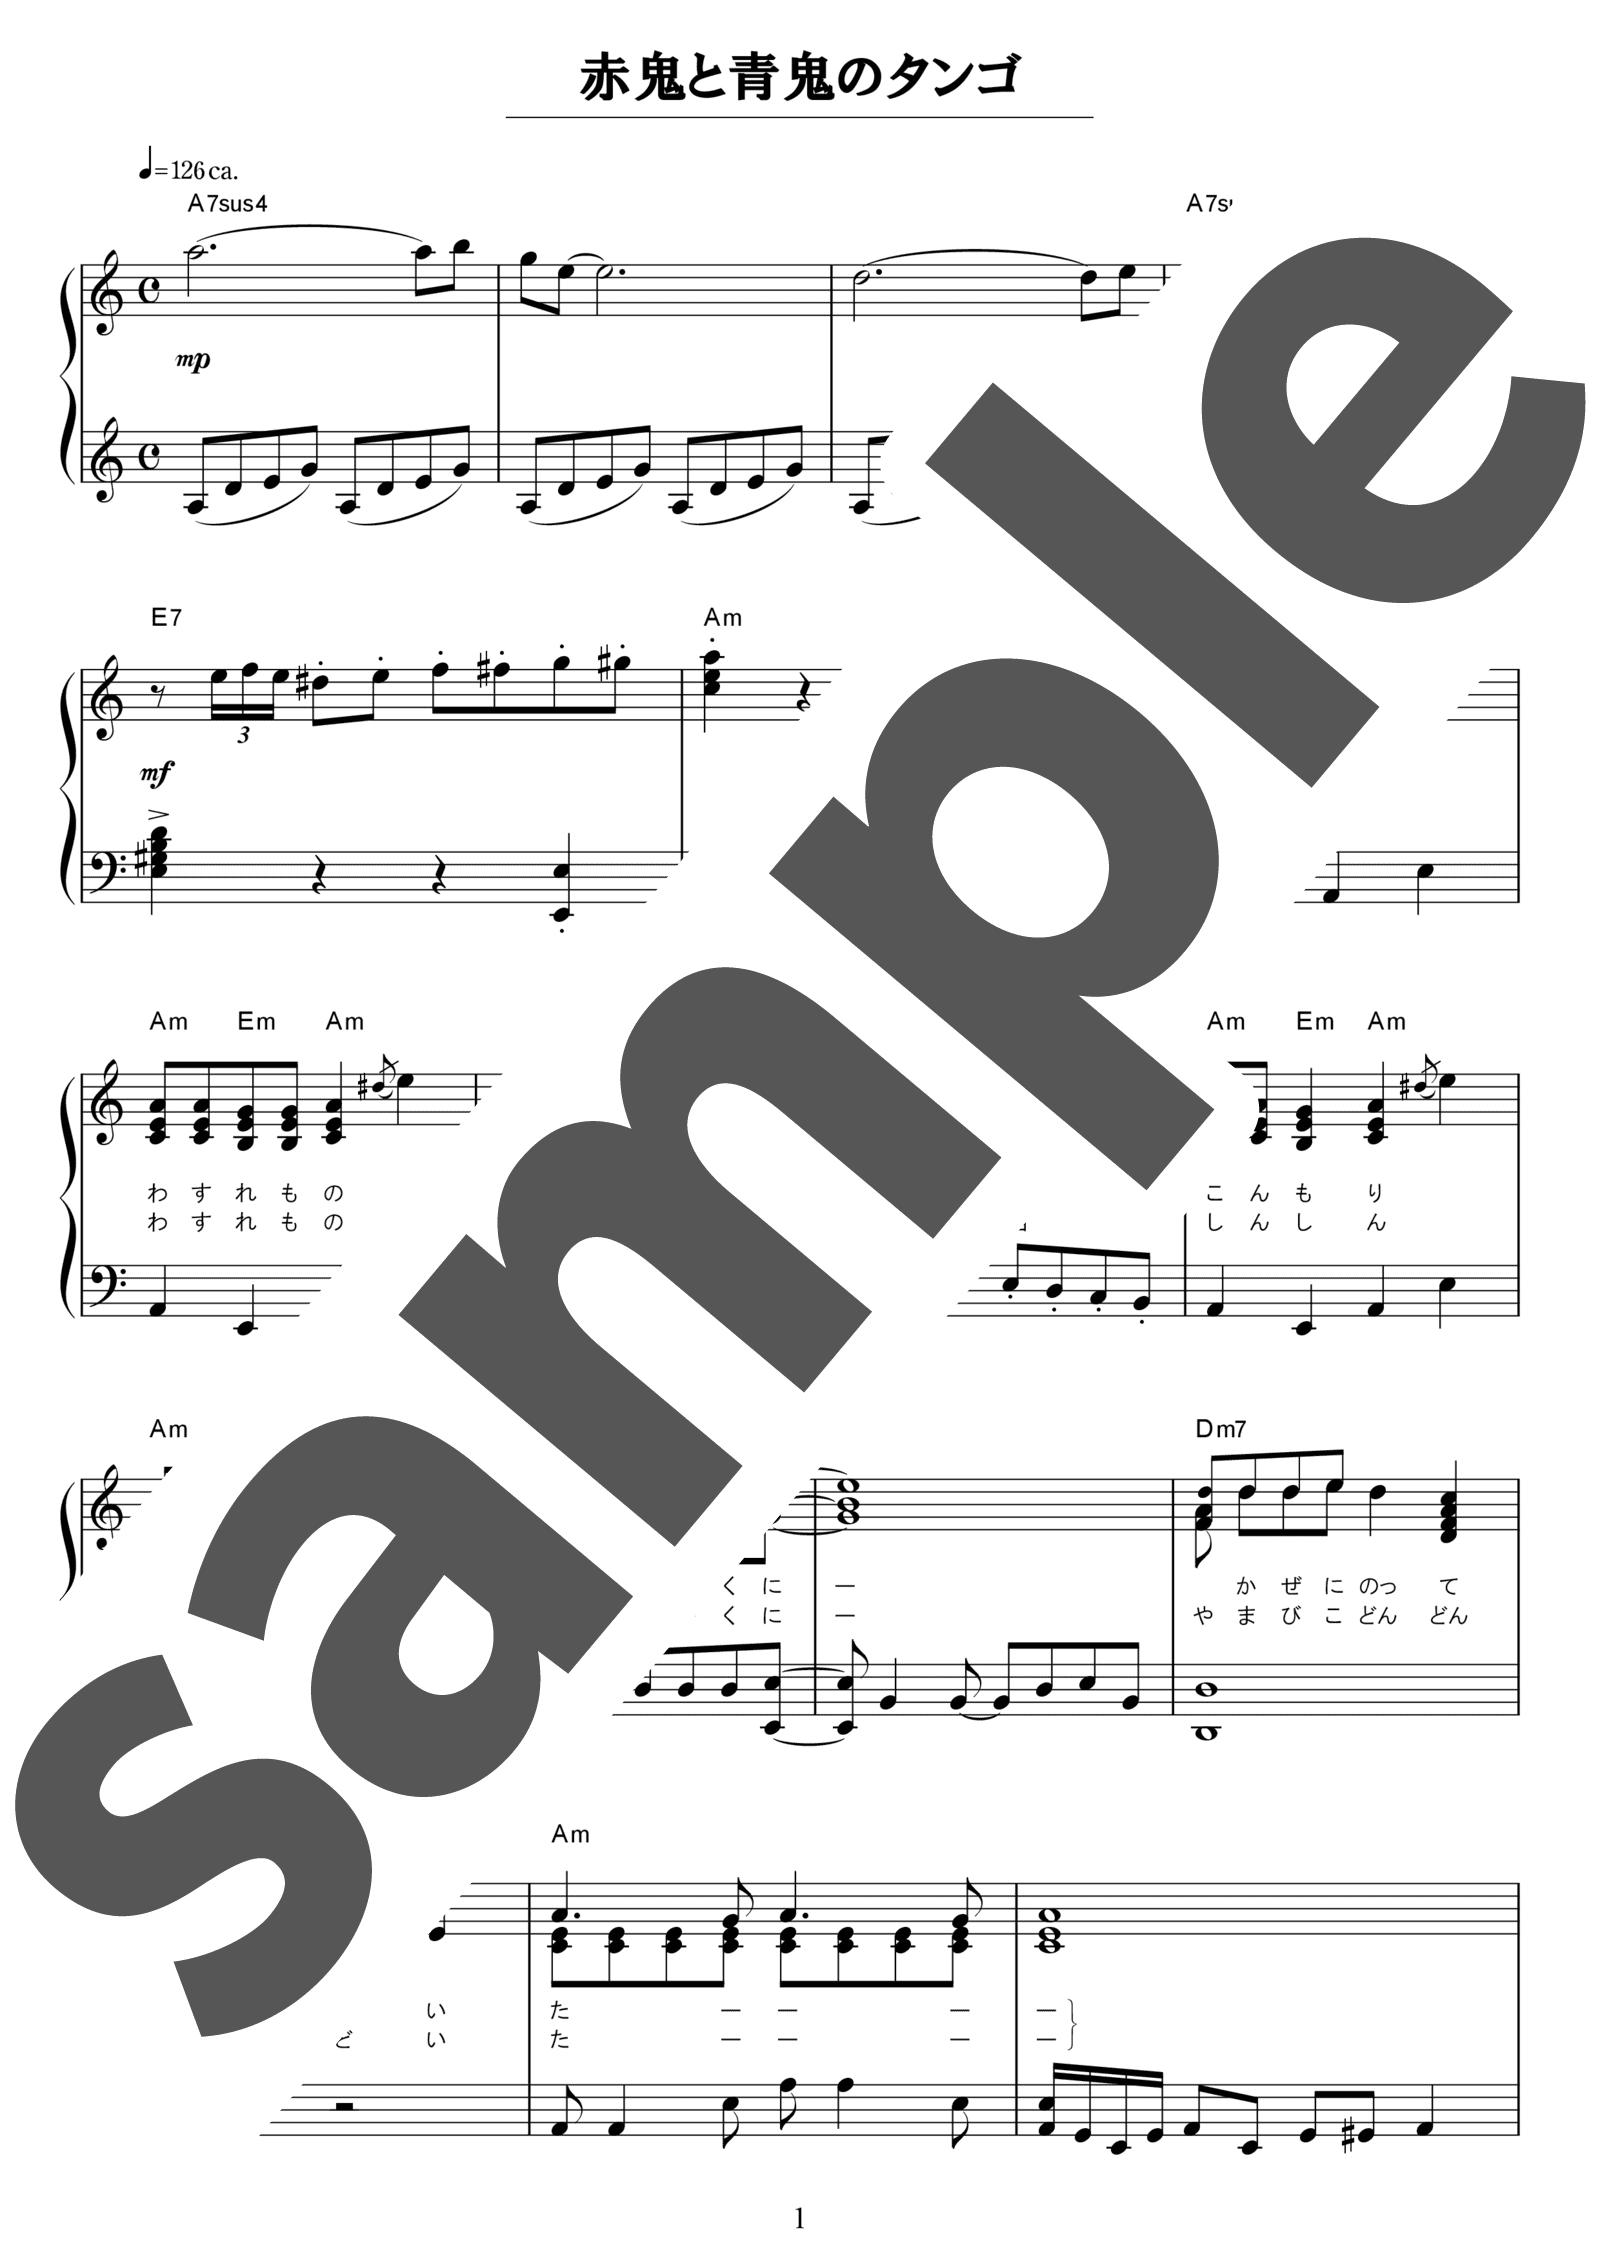 「赤鬼と青鬼のタンゴ」のサンプル楽譜